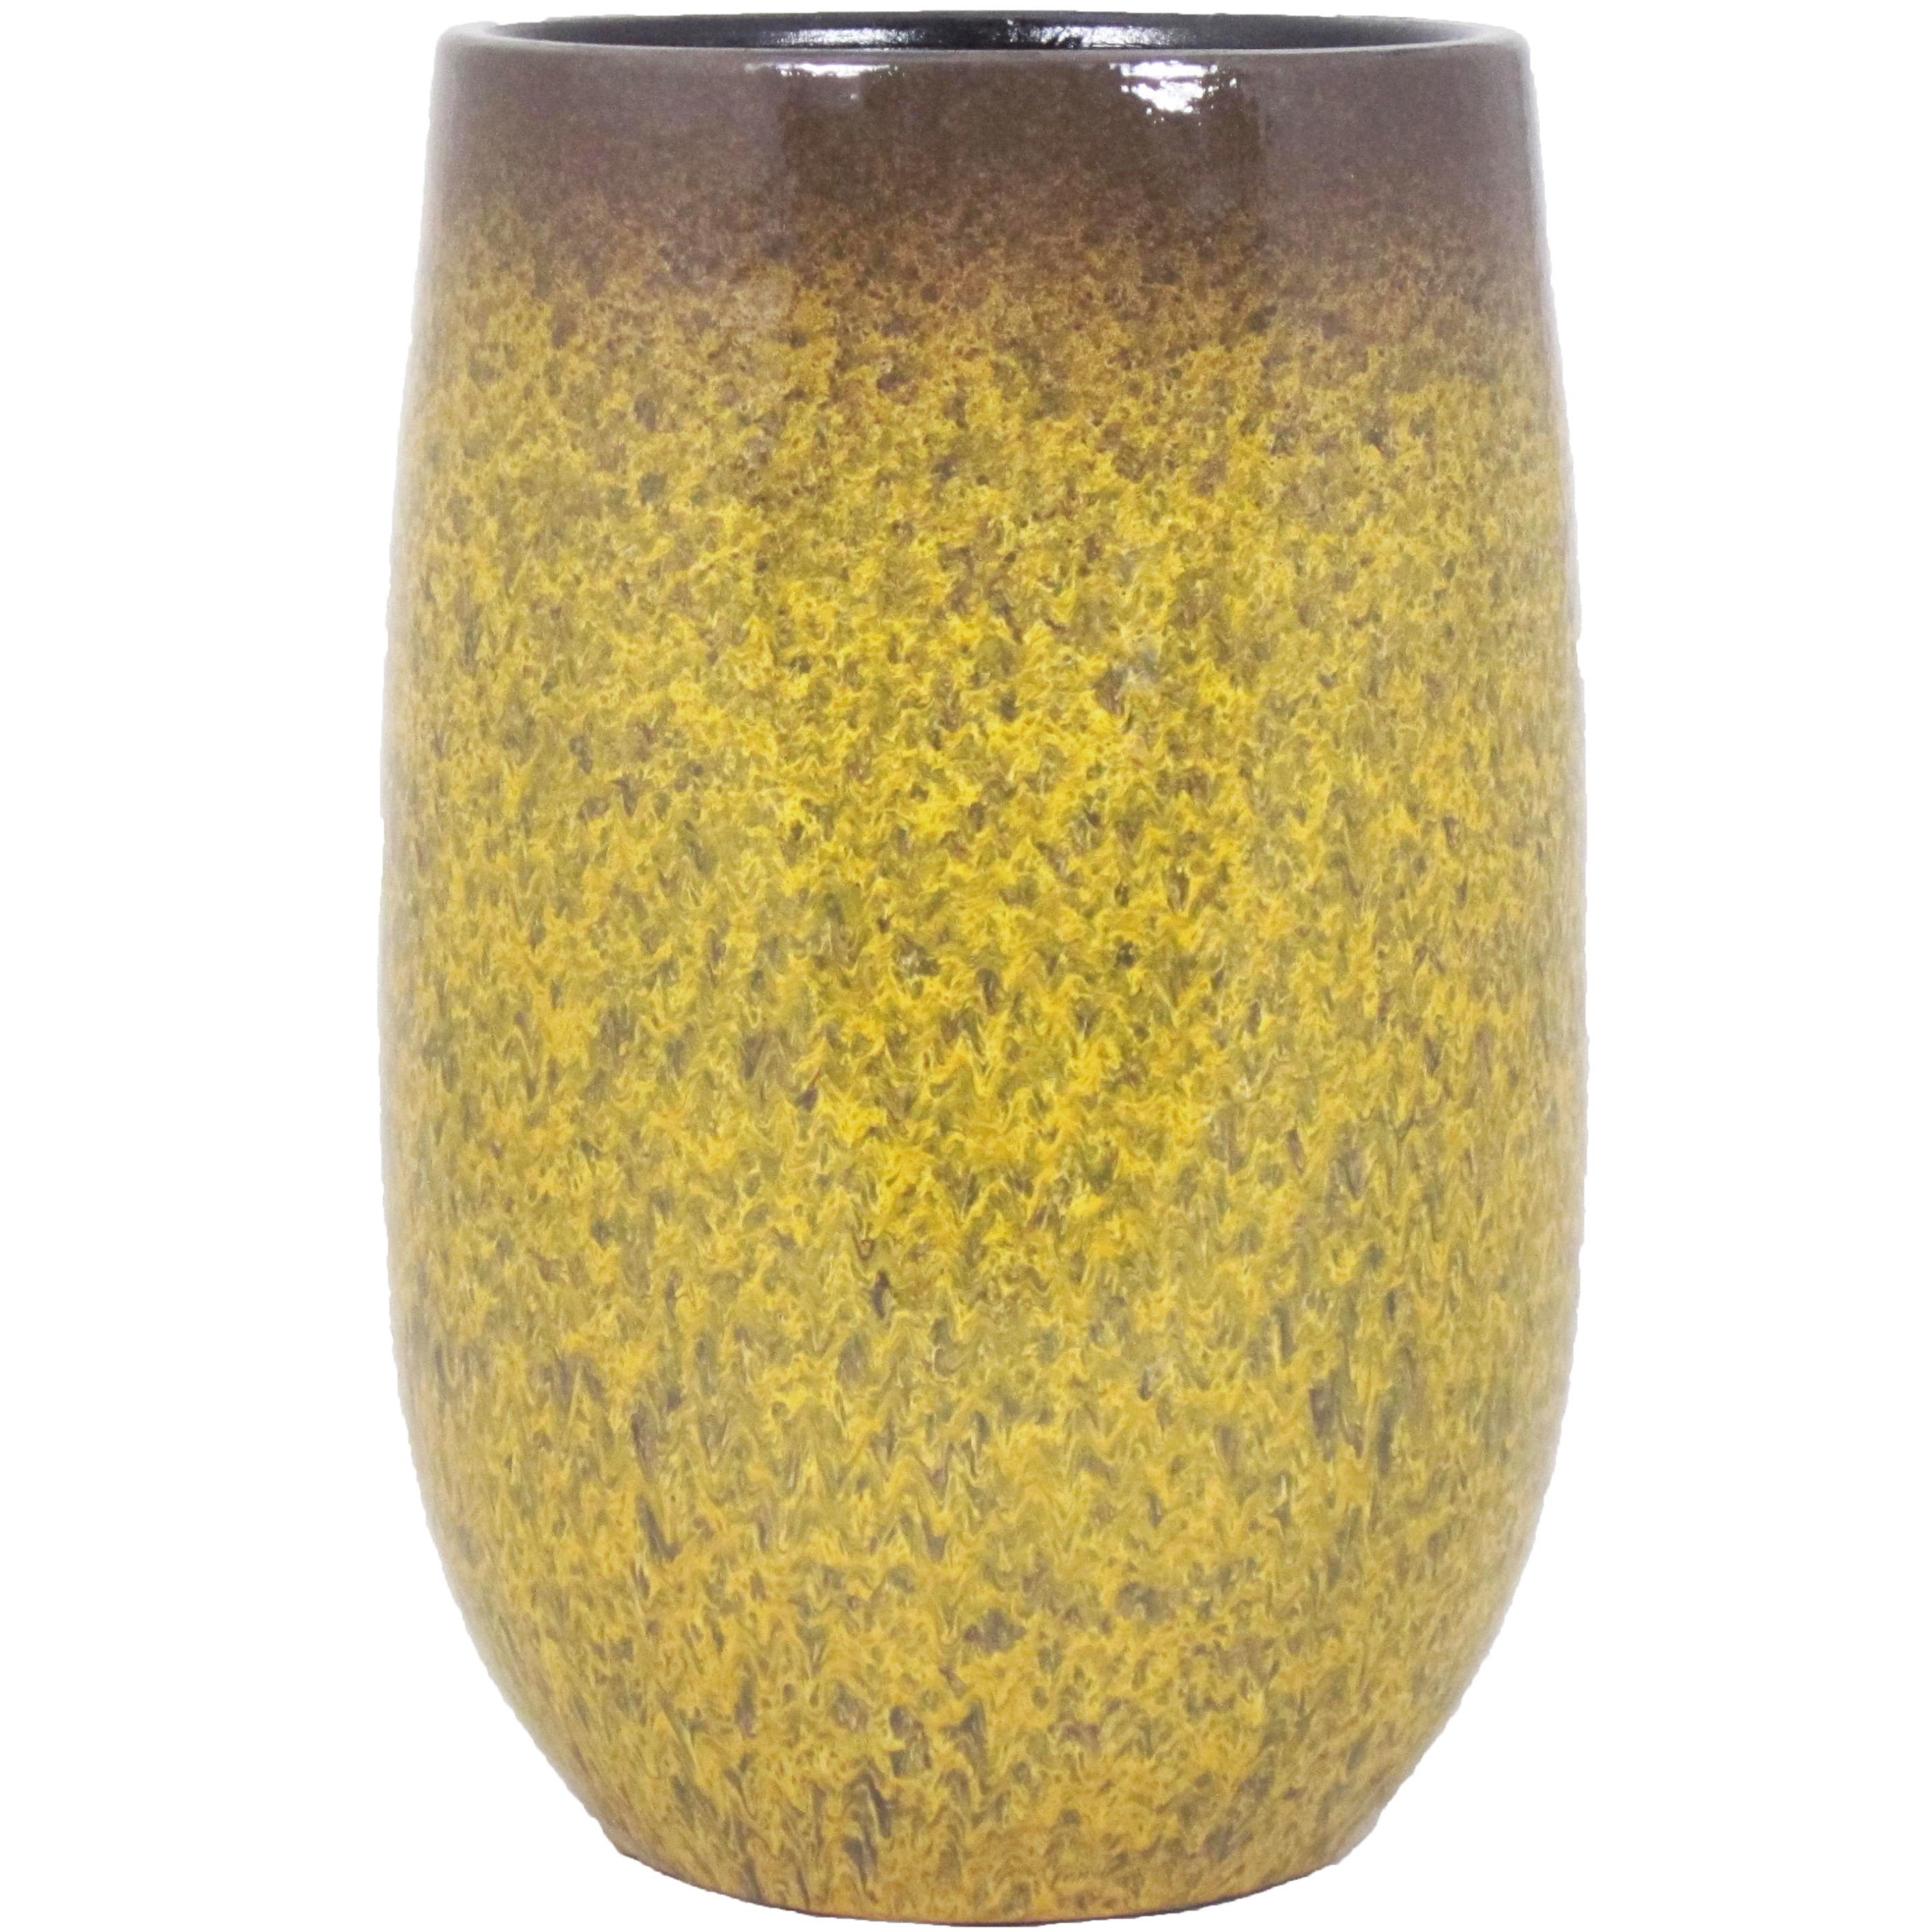 Bloempot vaas goud geel flakes keramiek voor bloemen-planten H30 x D19 cm